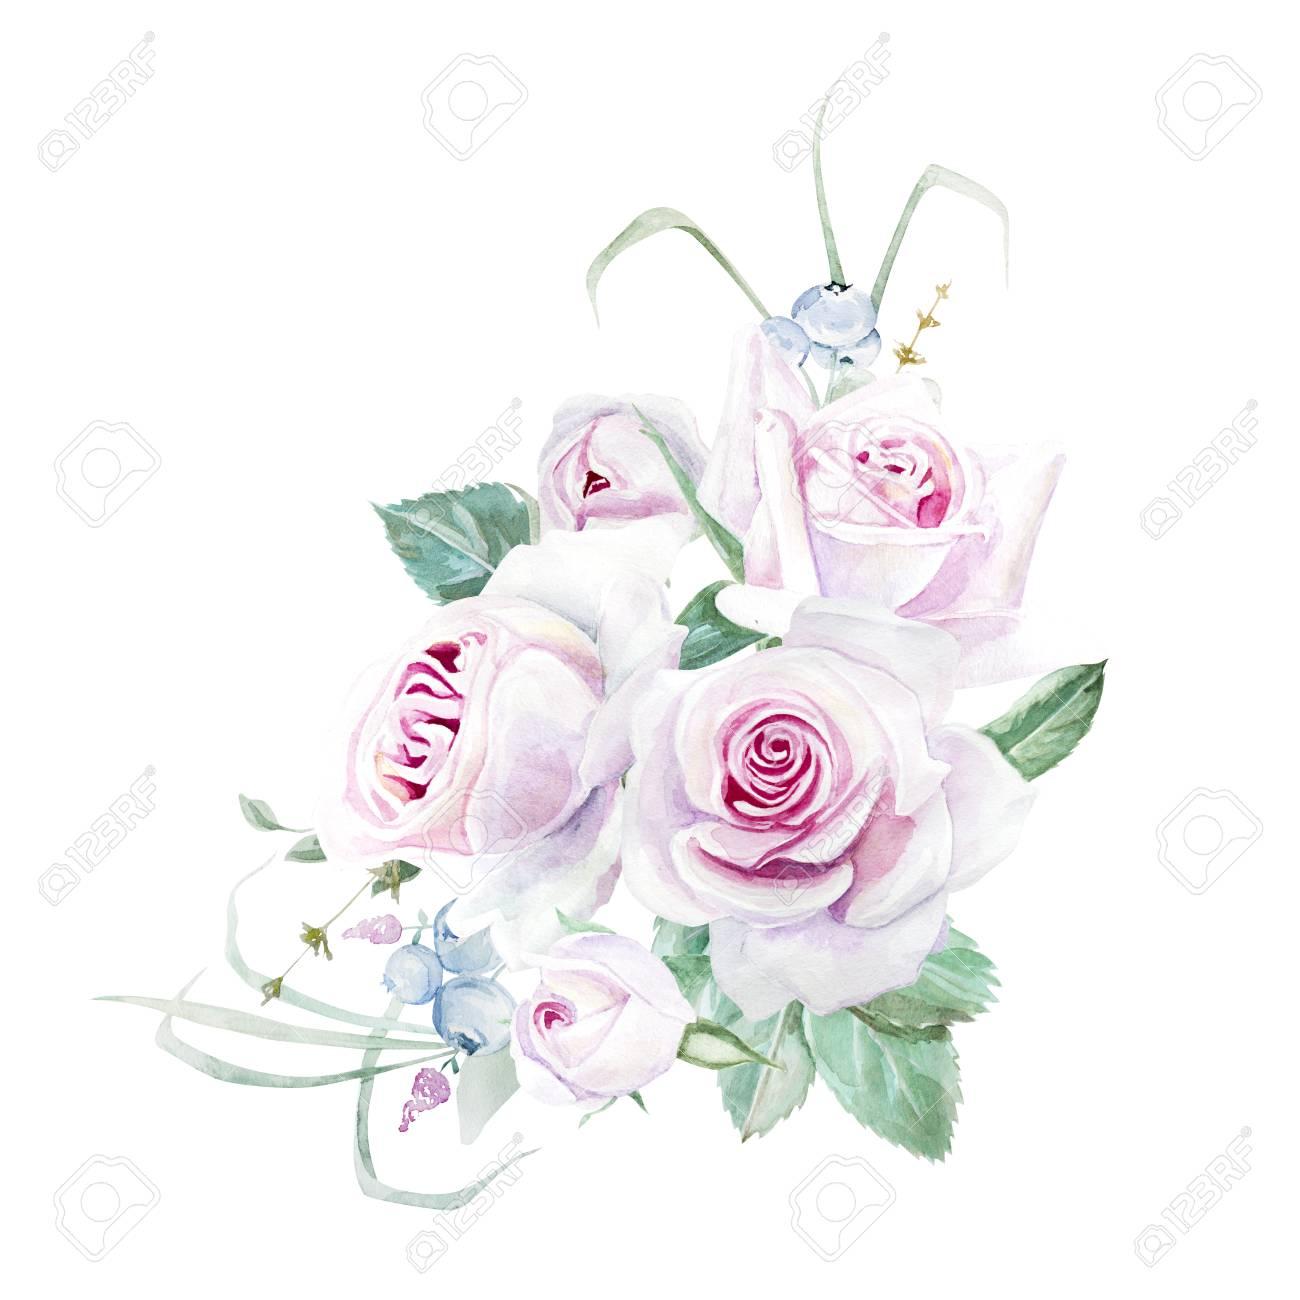 水彩のピンクのバラ花束イラスト の写真素材画像素材 Image 86327841